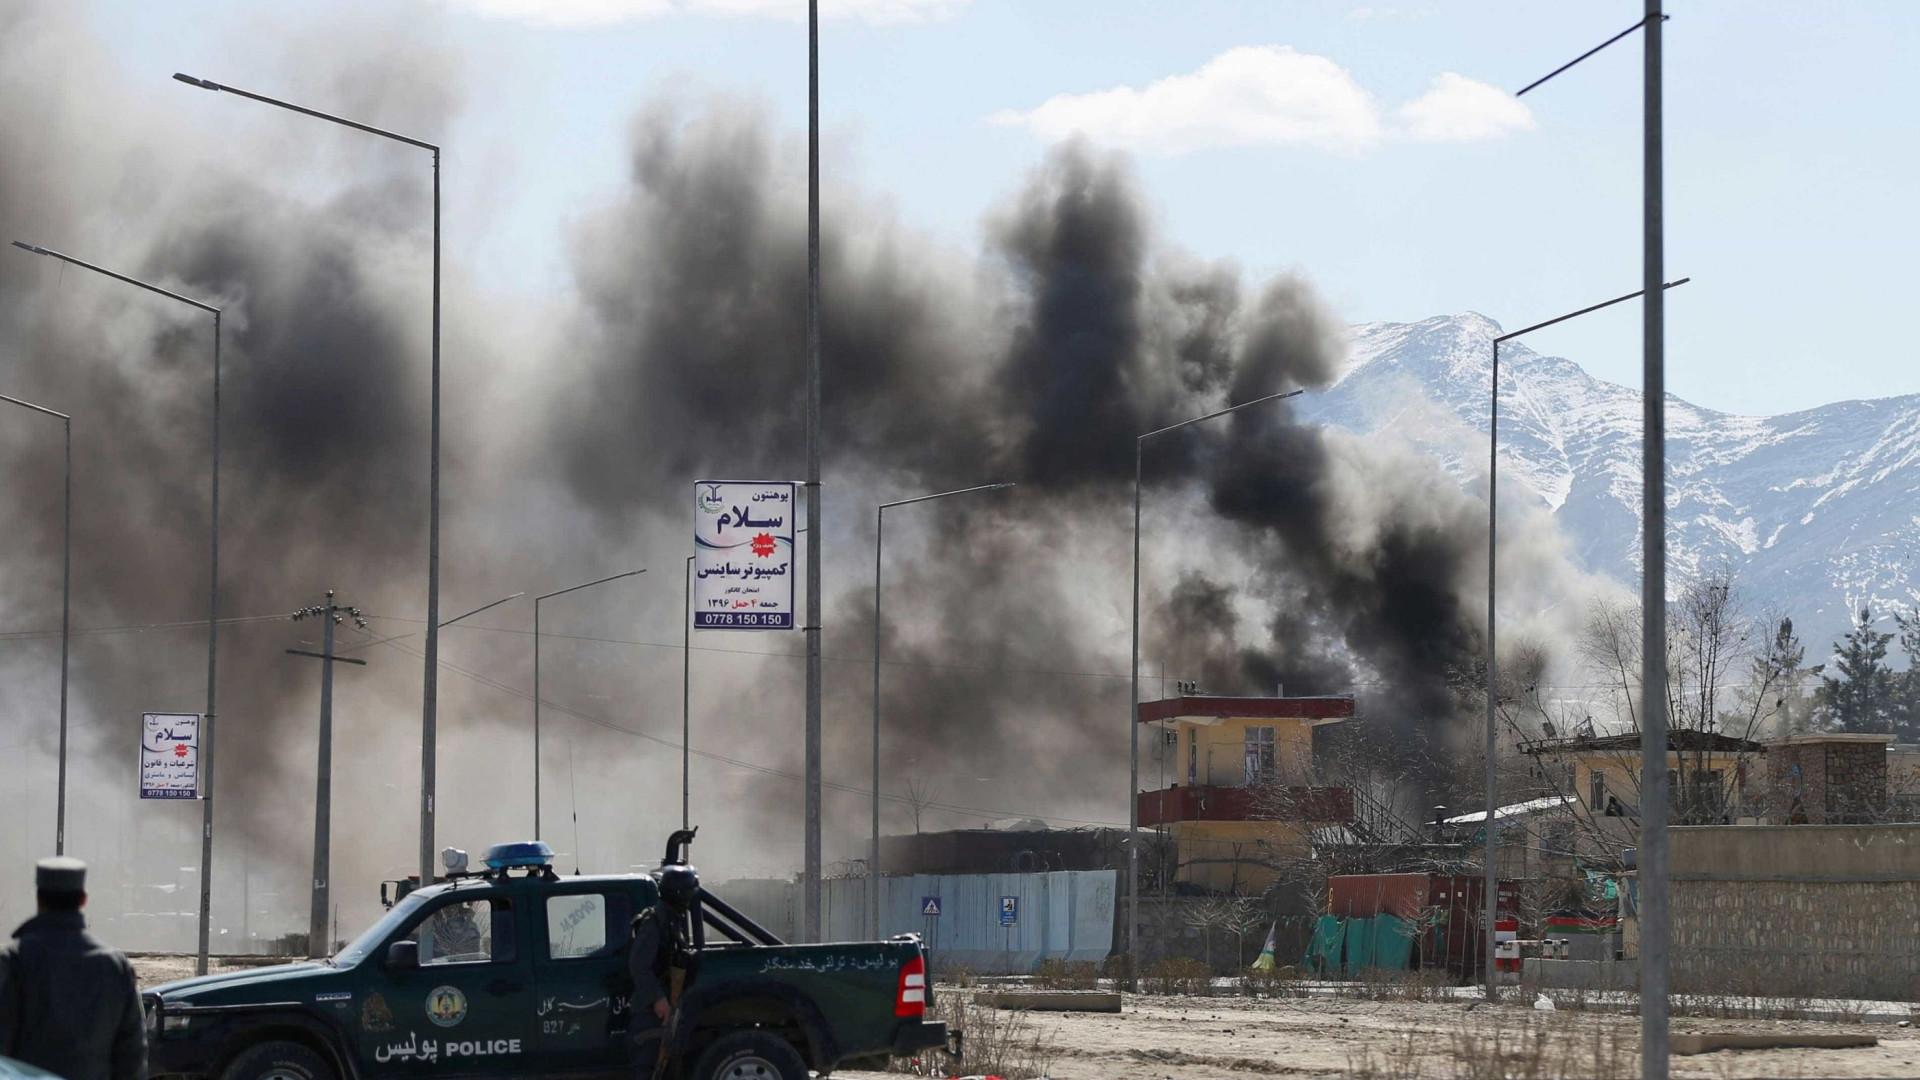 Noite sangrenta no Afeganistão com mais de 20 mortos em ataques suicidas